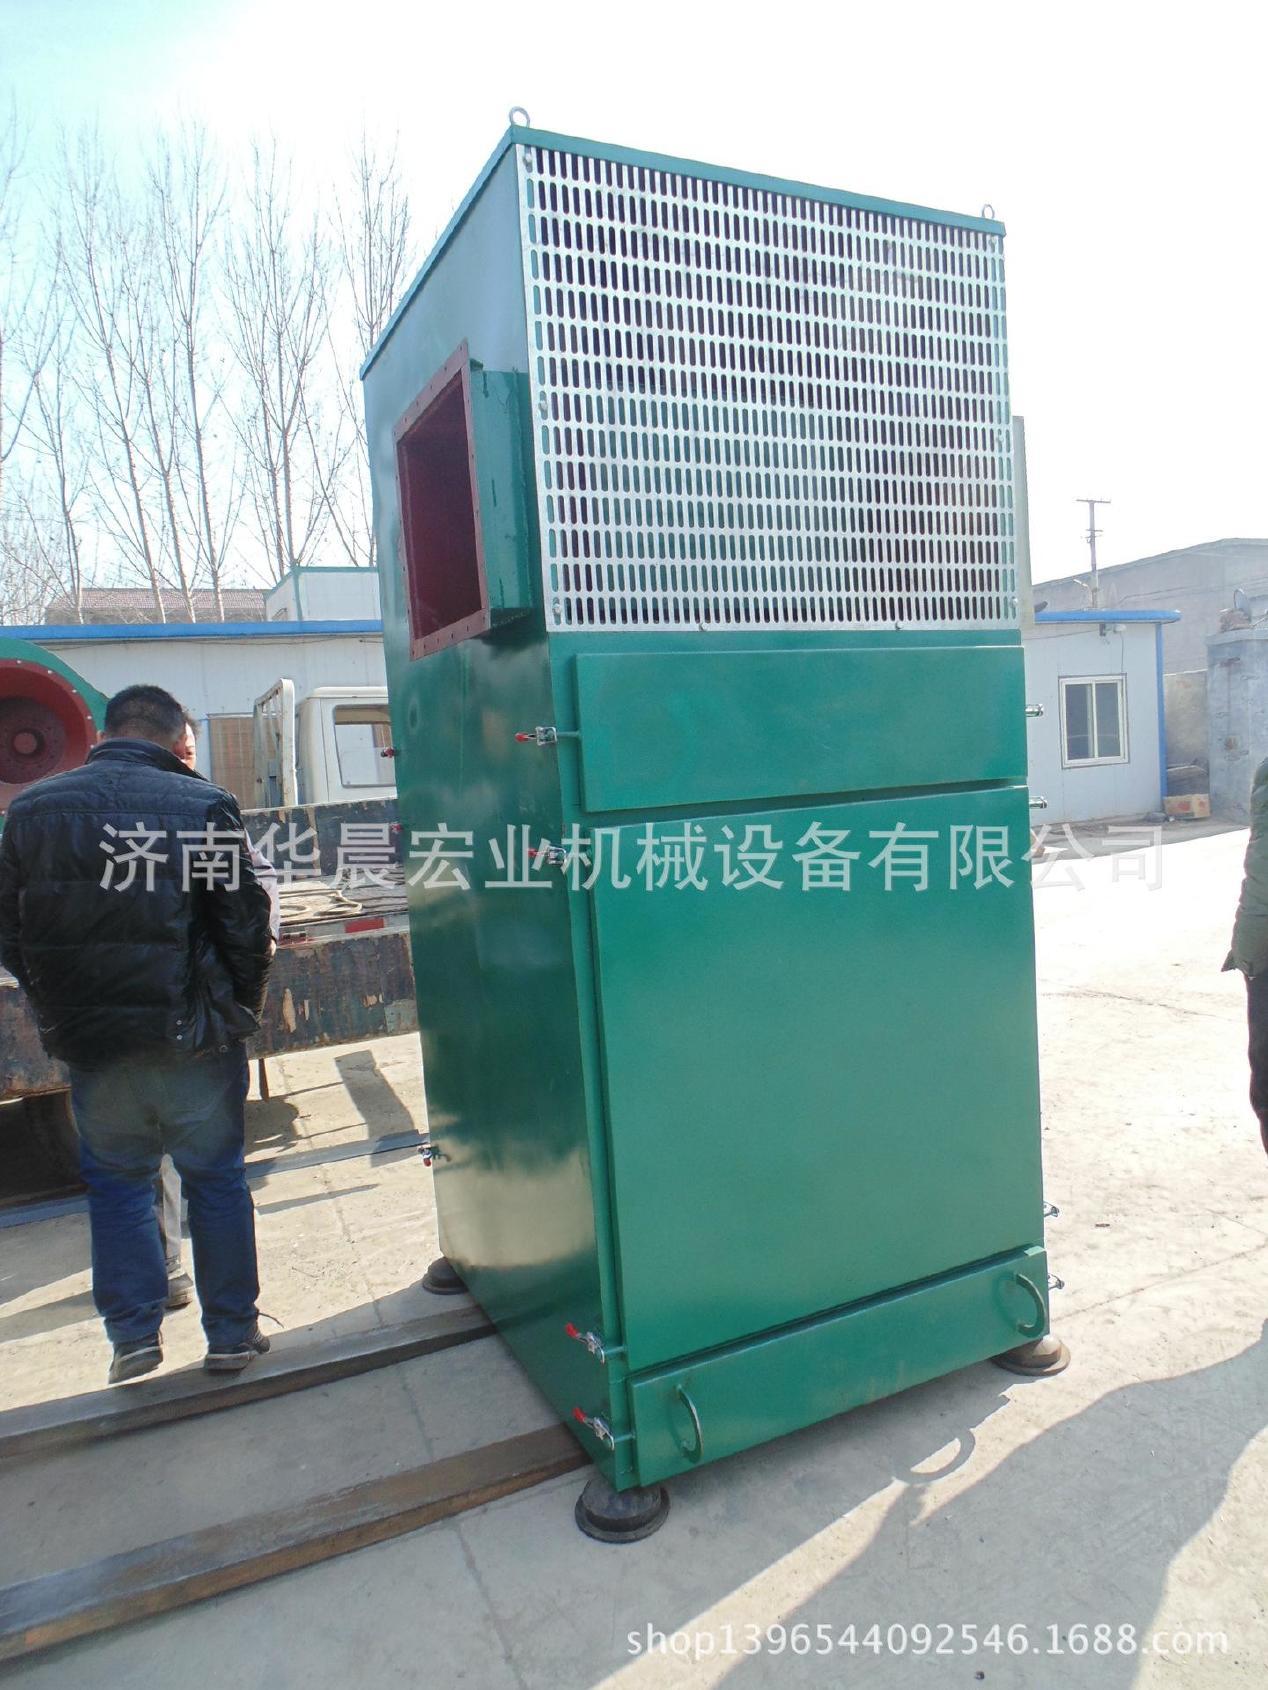 厂家直销脉冲除尘器 玻璃钢打磨脉冲布袋式除尘器 工业集尘器